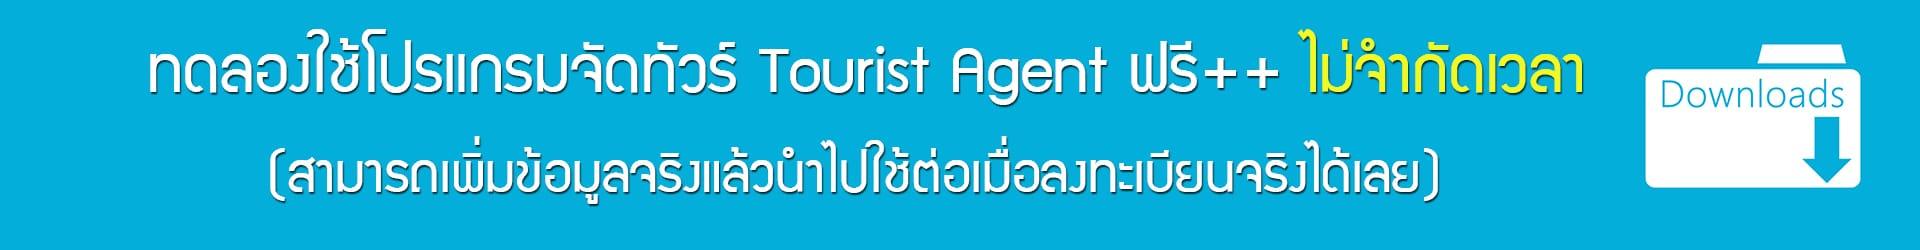 banner ทดลองใช้ระบบทัวร์ TouristAgent